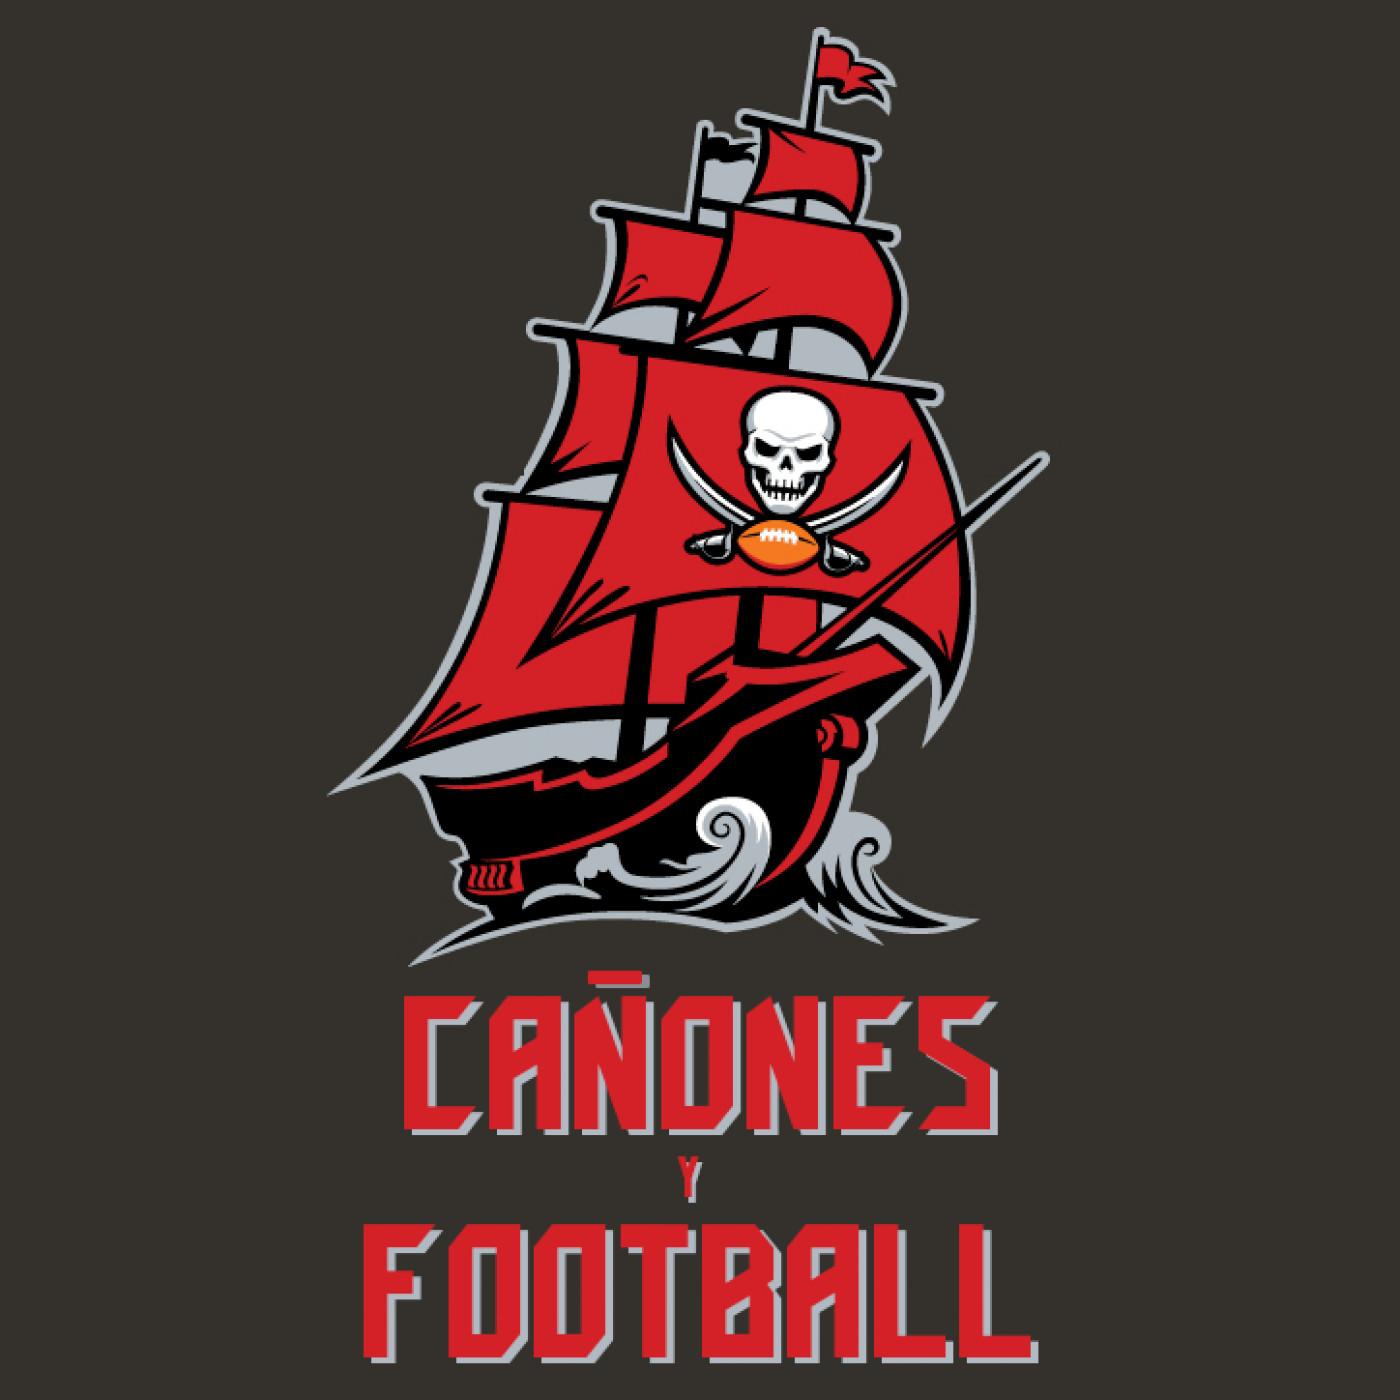 <![CDATA[Cañones y Football: Tampa Bay Bucs en Español]]>